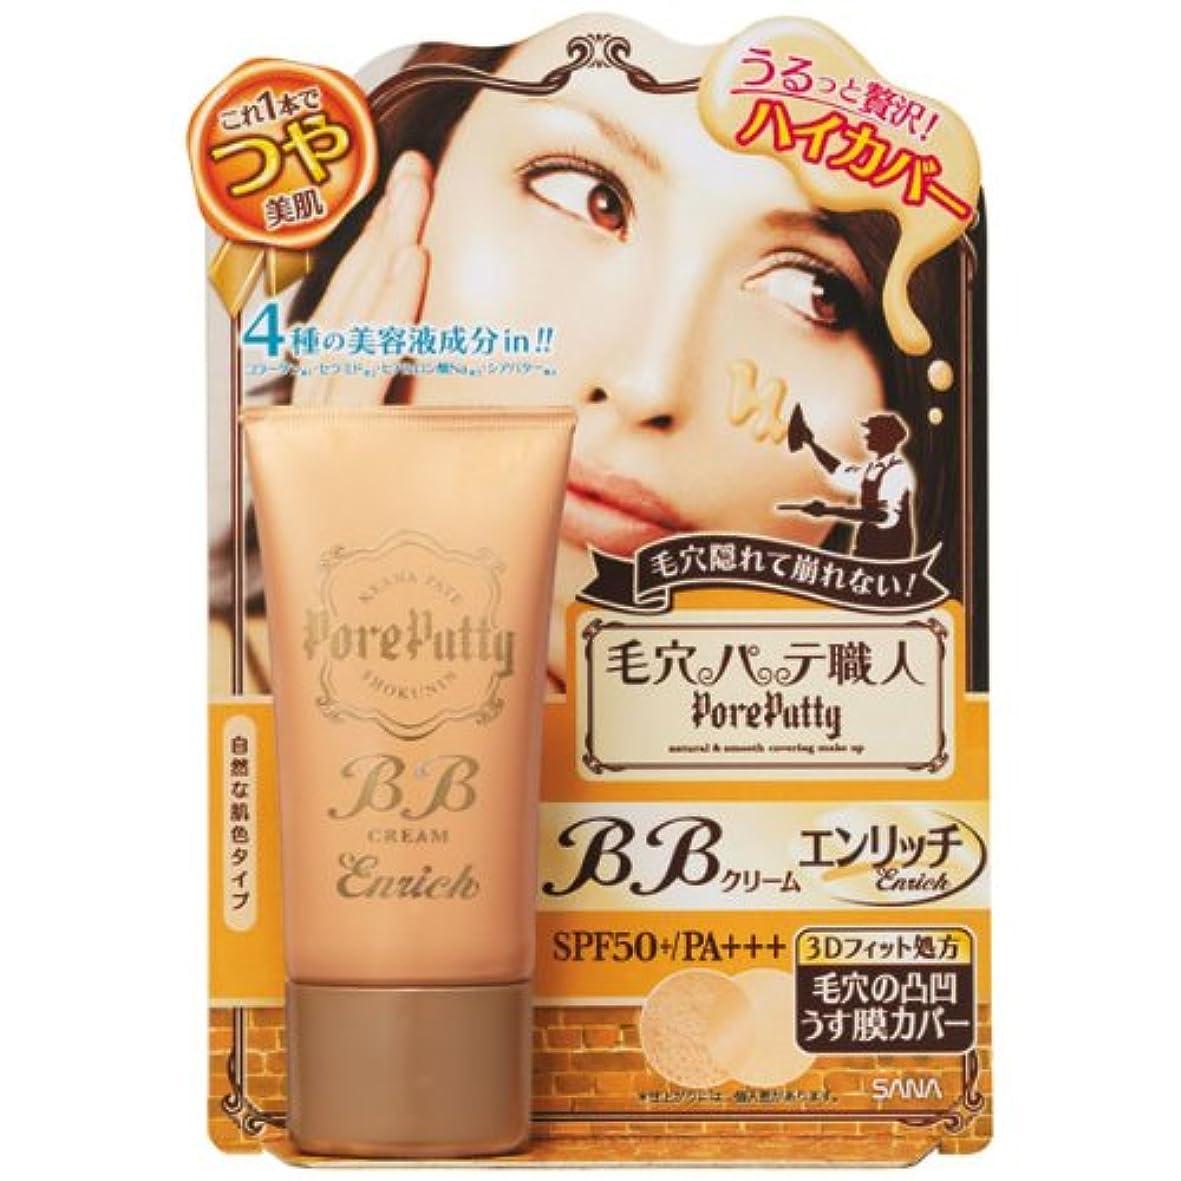 ランドマークアレルギー性さまよう毛穴パテ職人 BBクリーム エンリッチ 自然な肌色 30g